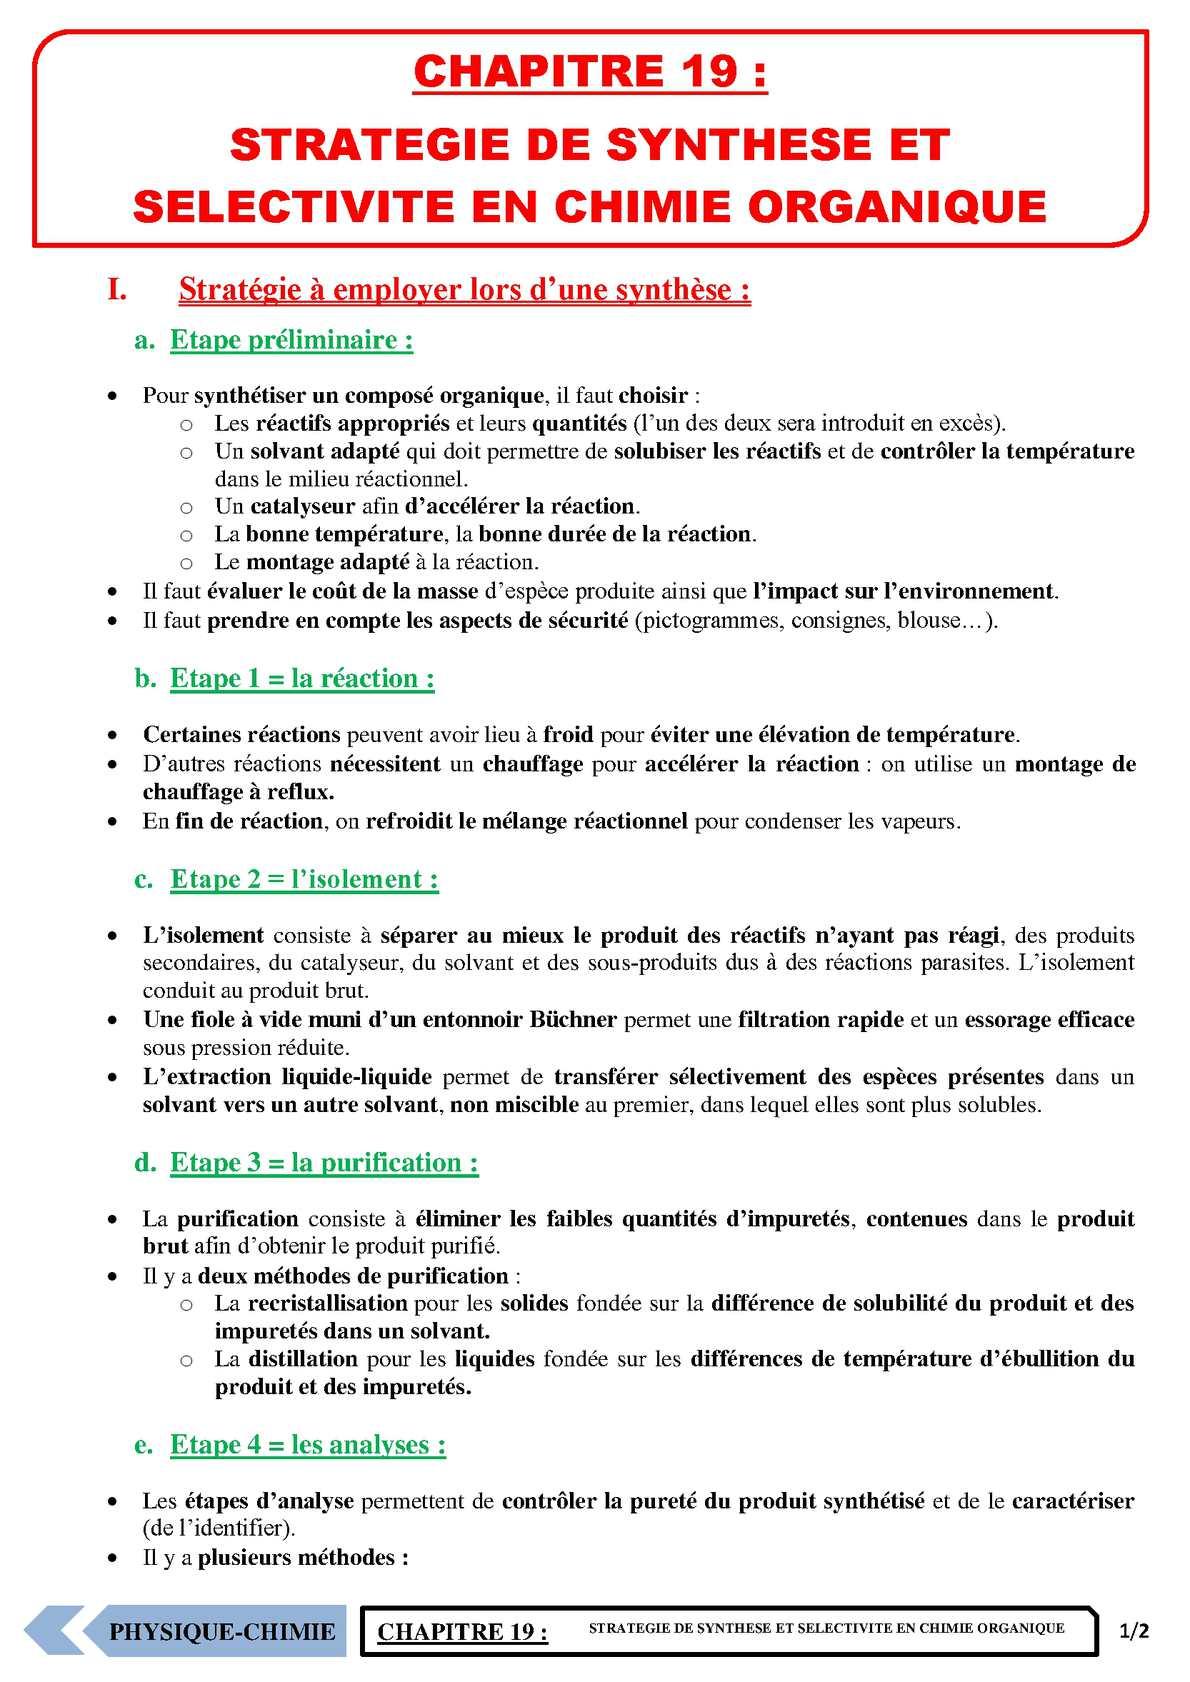 TS - PHYSIQUE/CHIMIE – Chapitre 19 | JéSky.fr